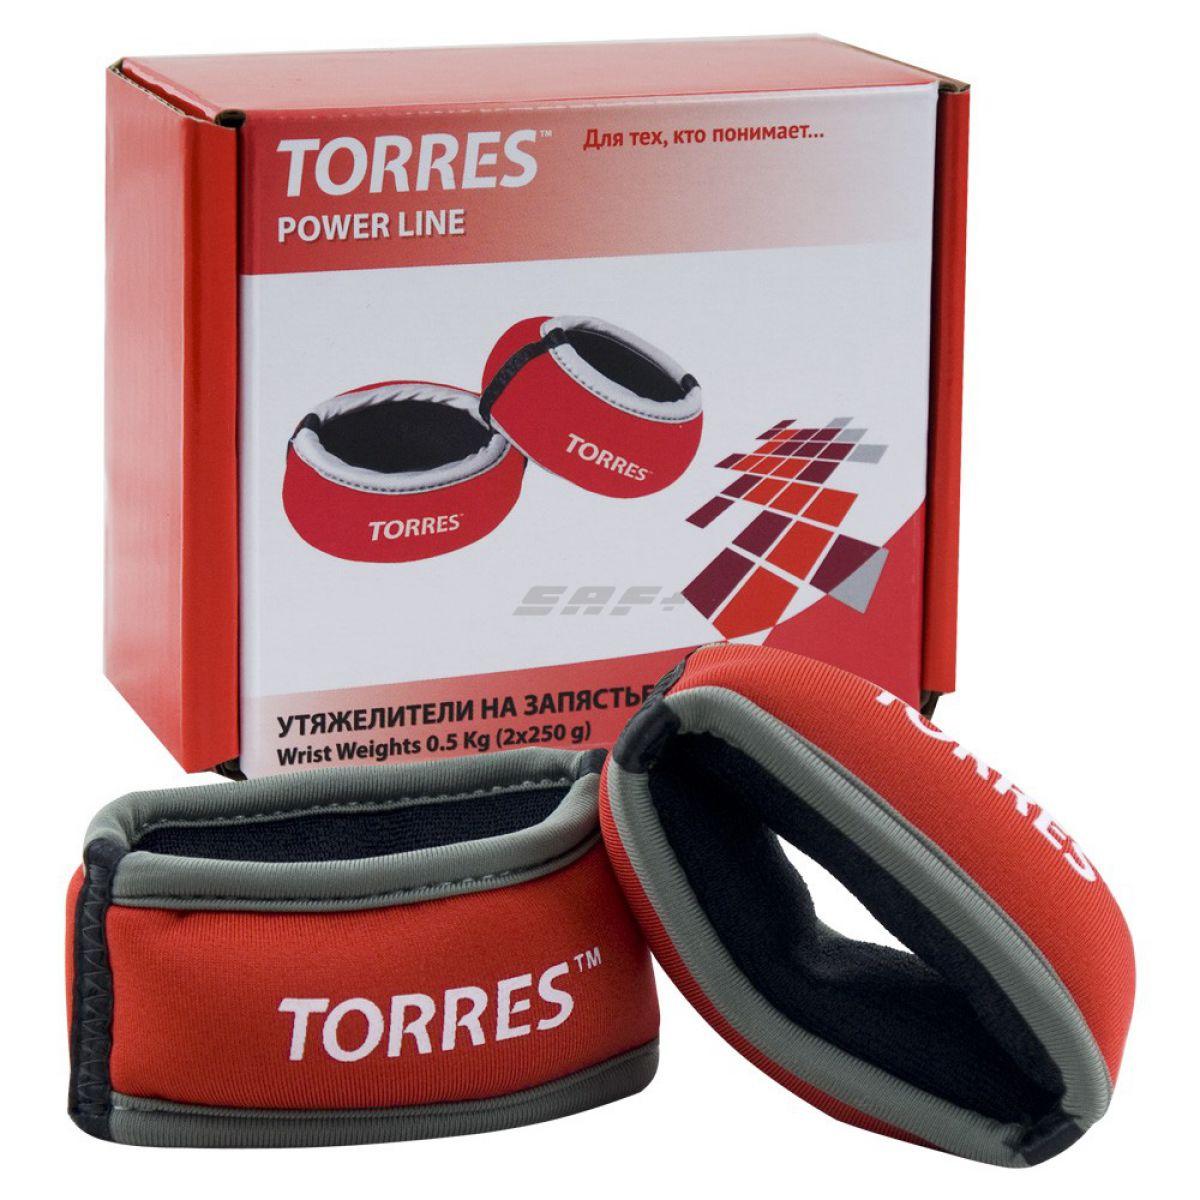 TORRES Утяжелители на запястье 0,5 кг